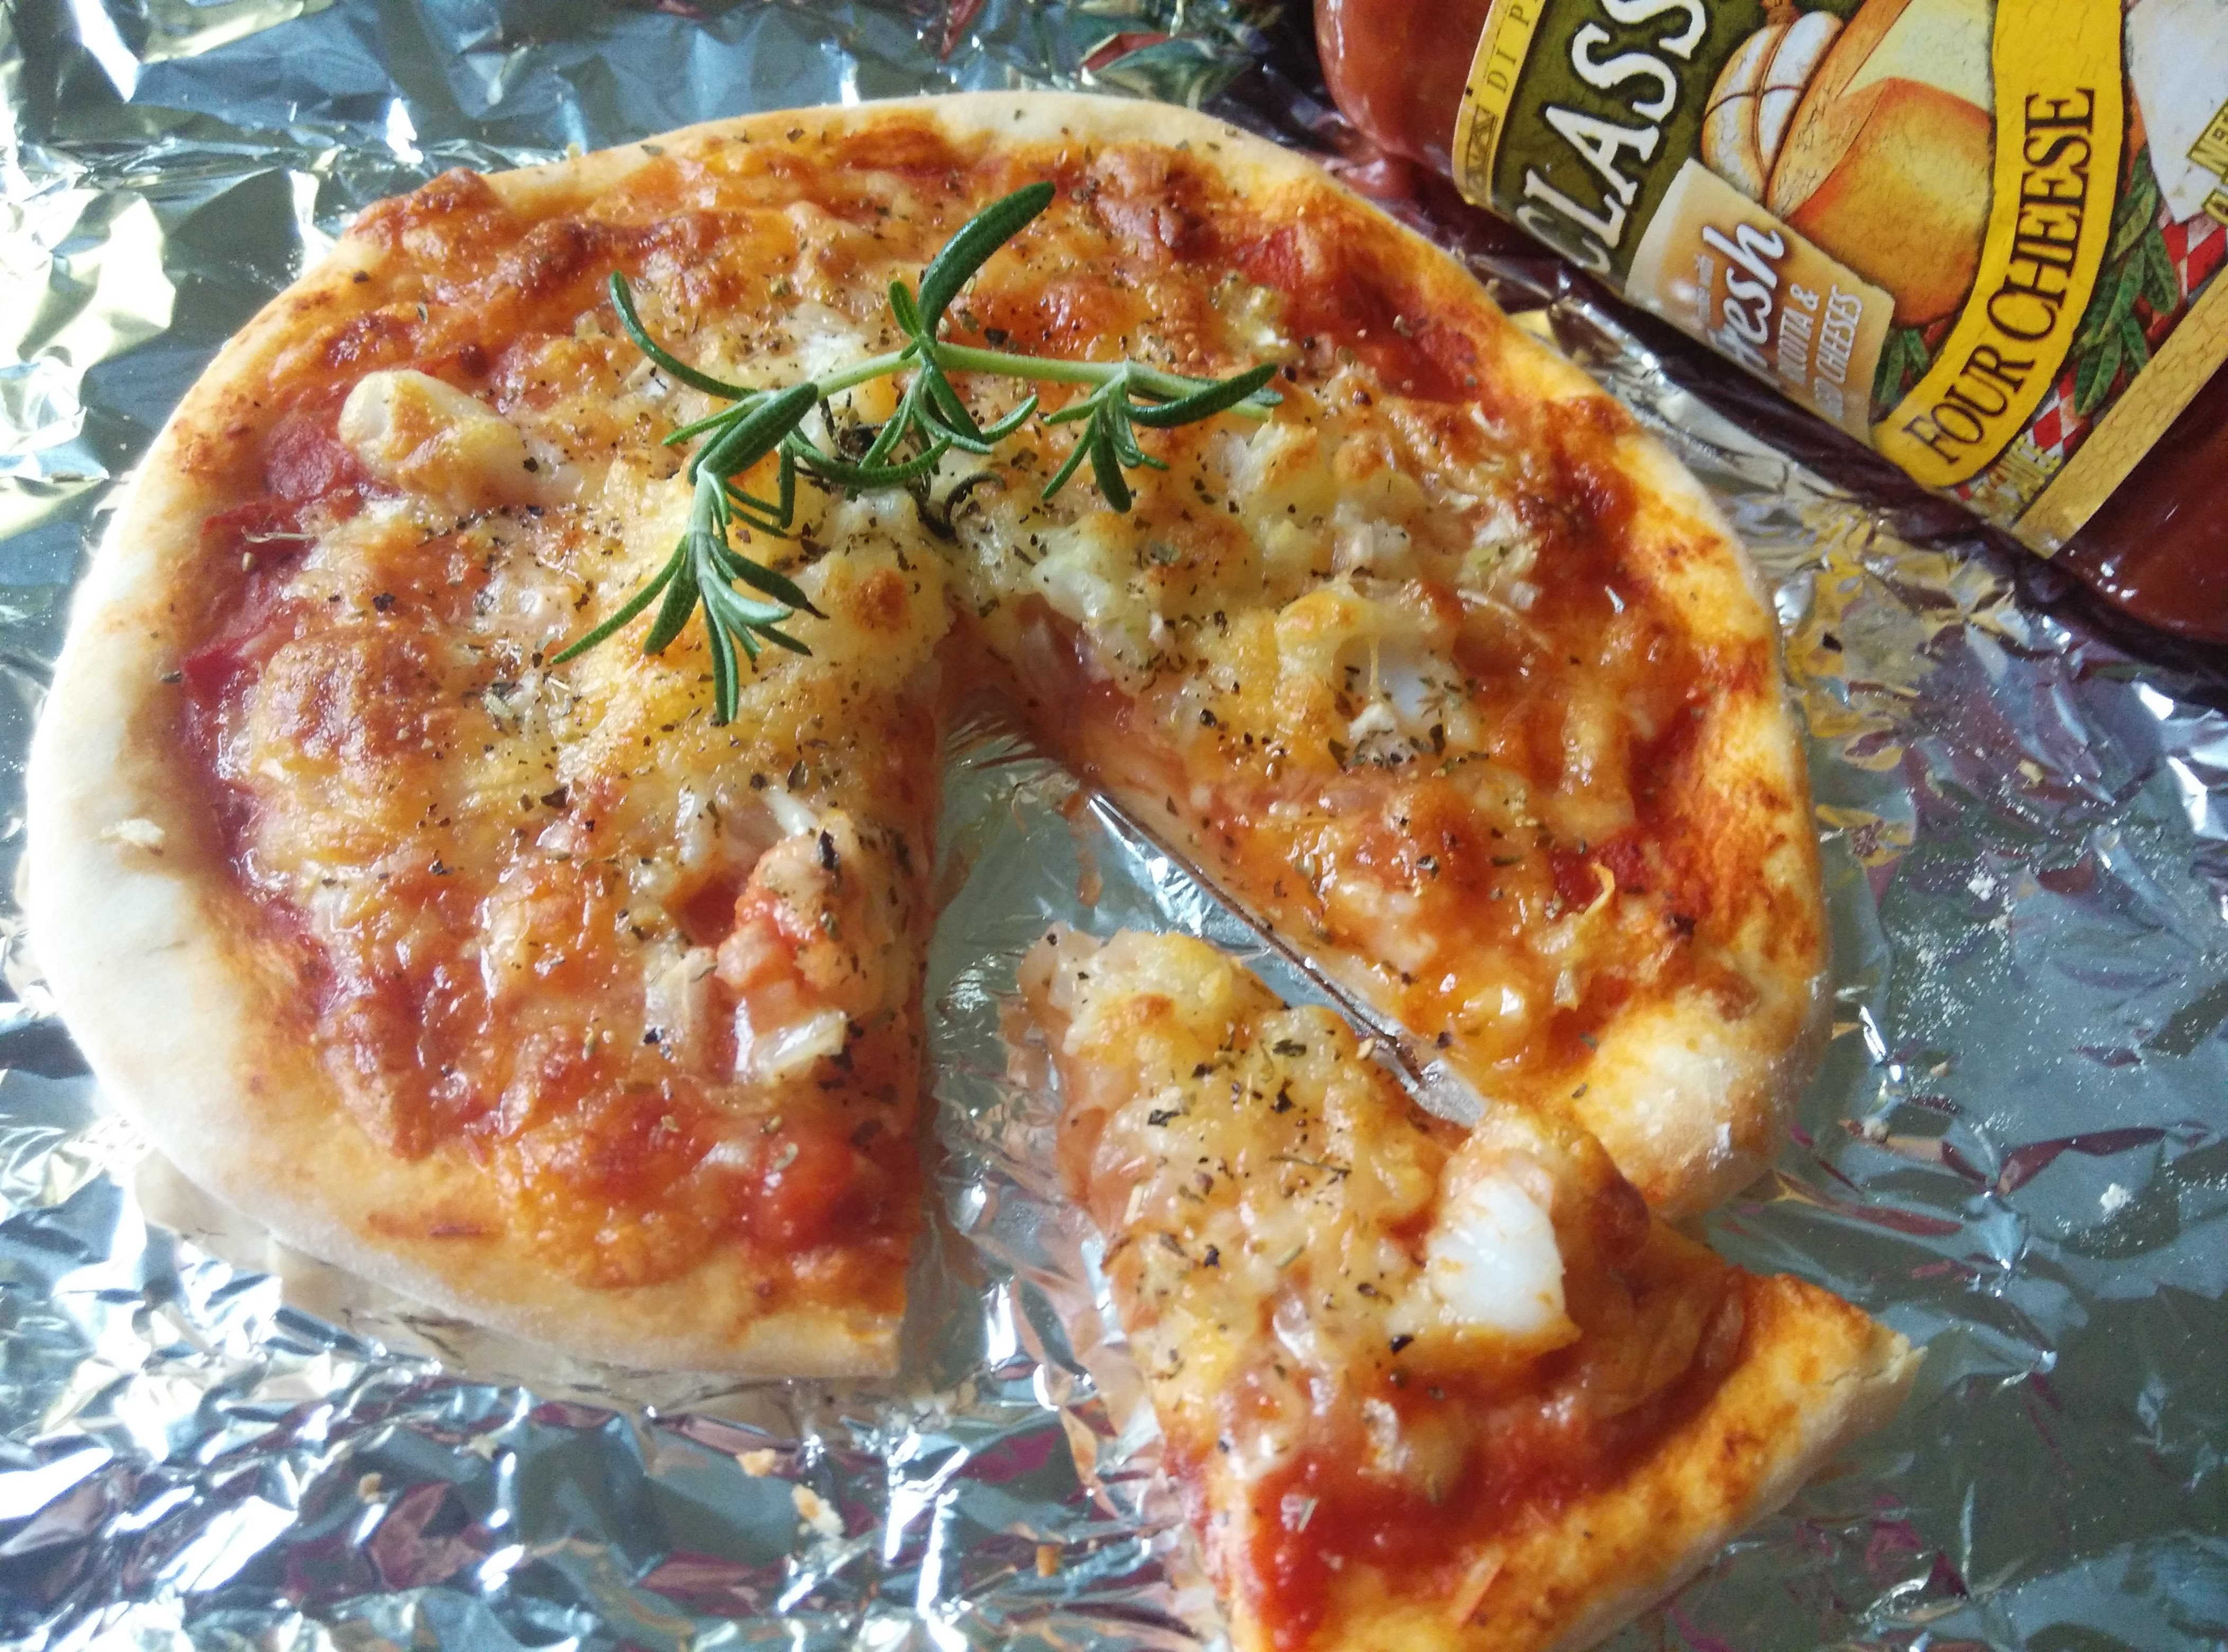 義式紅醬披蕯-CLASSICO義大利麵醬